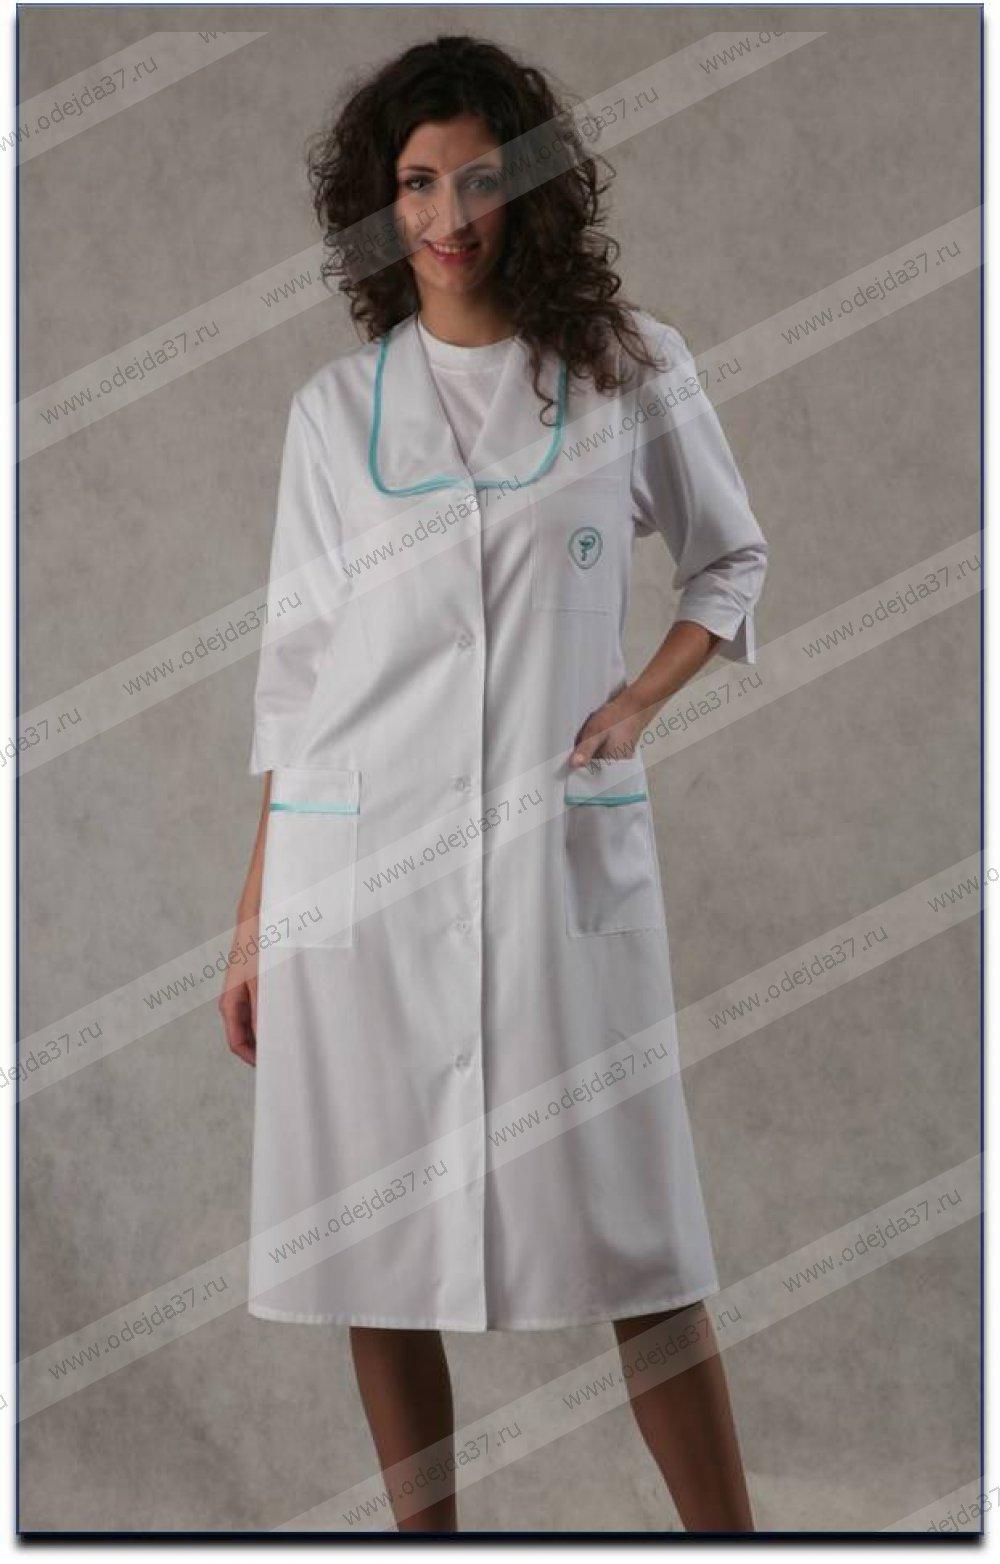 Увеличить - Халат  медицинский женский